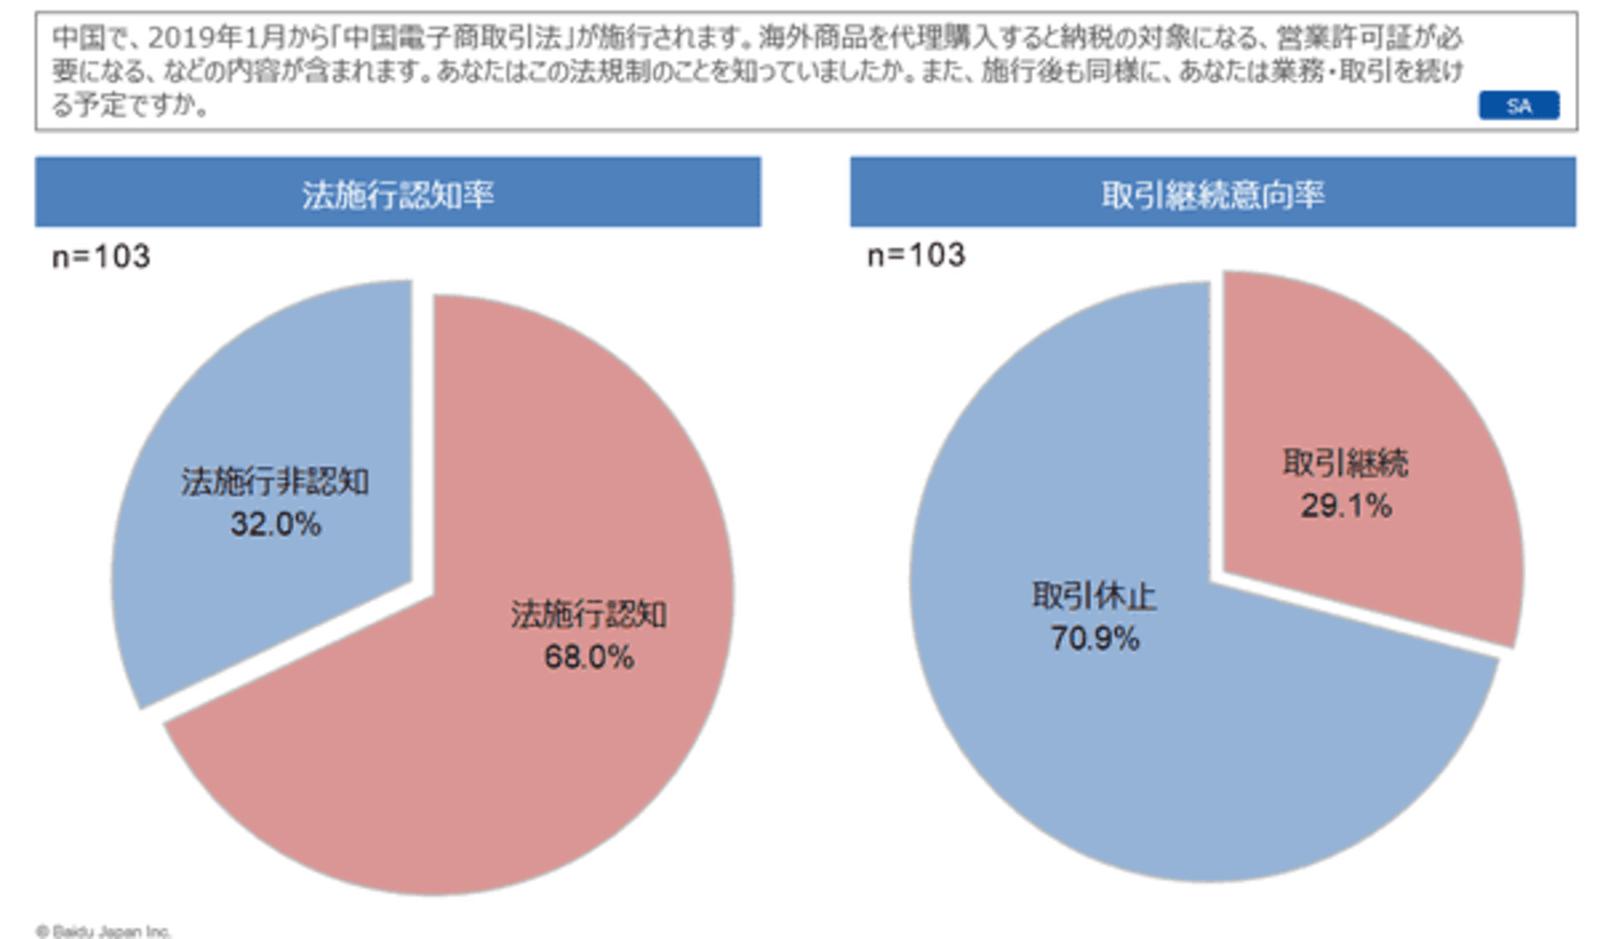 中国「電子商務法」施行で、在日...